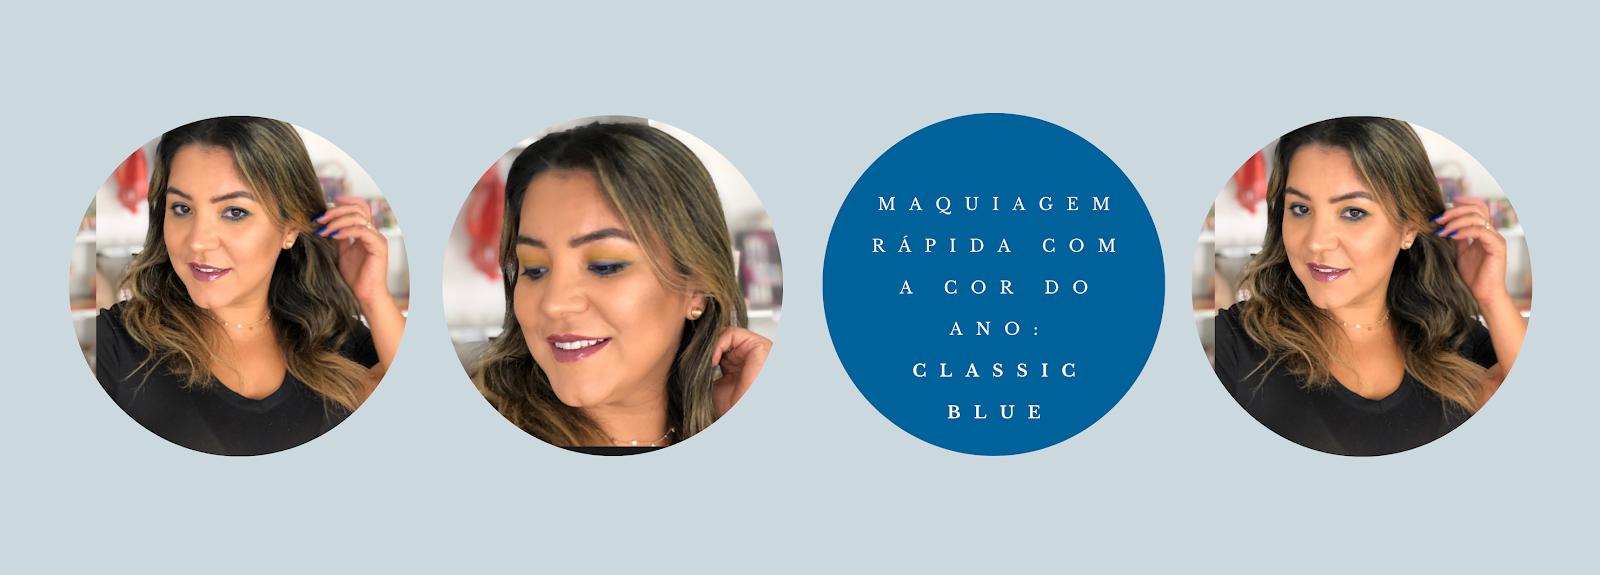 Maquiagem rápida com a cor do ano: Classic Blue